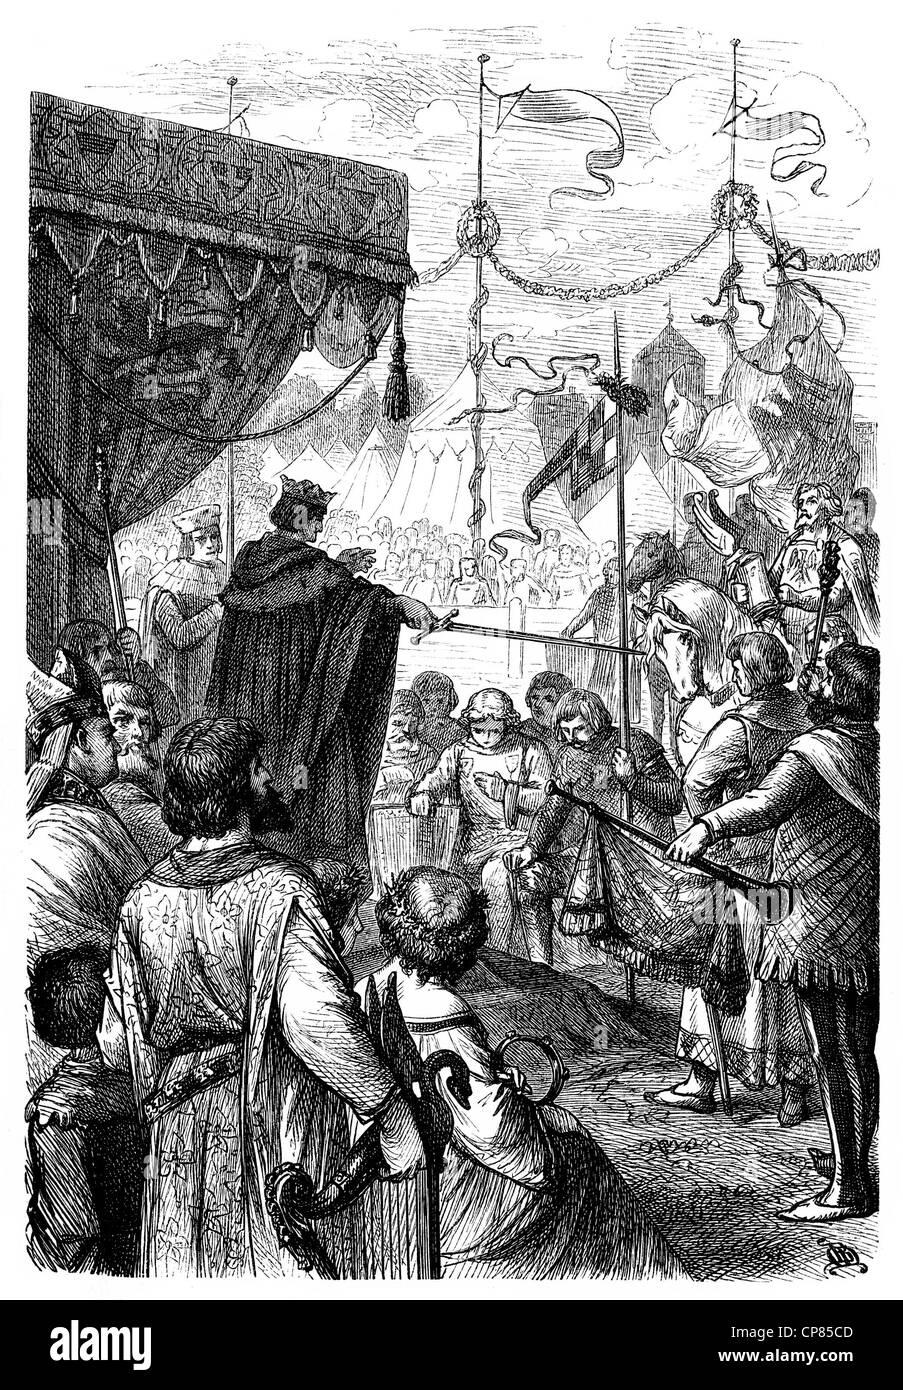 Auszeichnung im 15. Jahrhundert, Ritterschlag Im 15. Halbmonatsschrift, Historischer Stich Stockbild